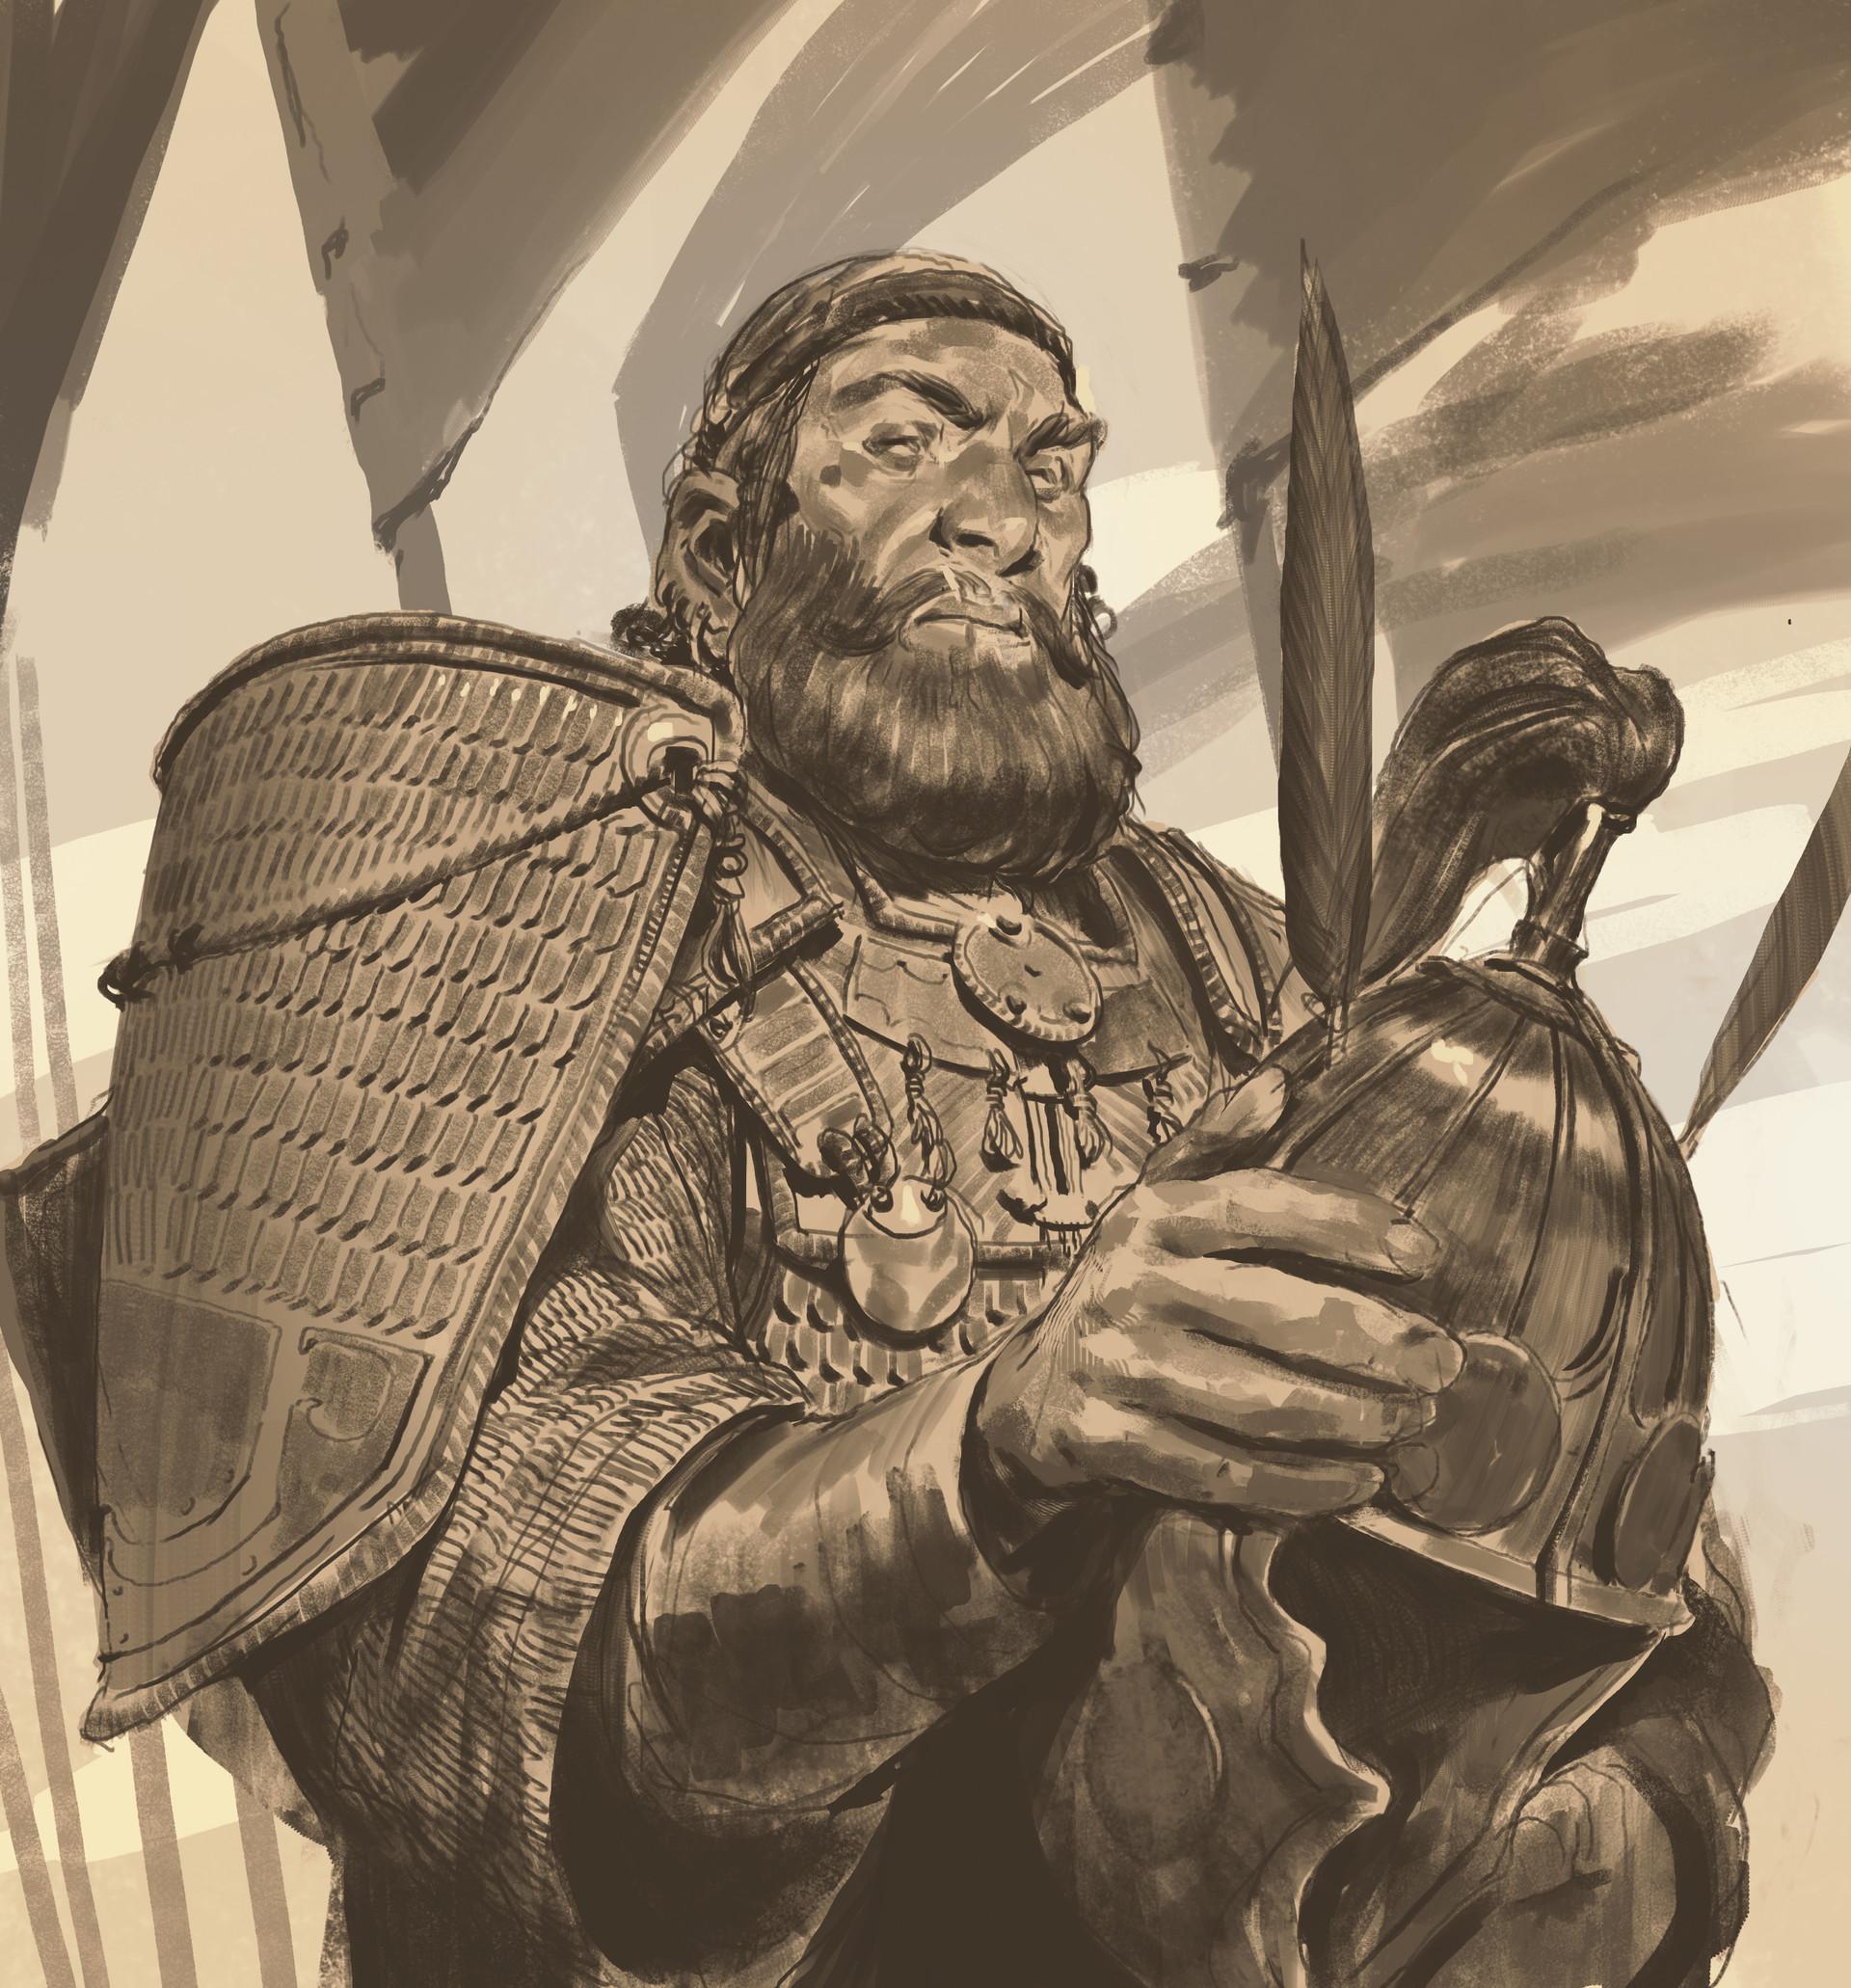 Even amundsen 92 tirsander